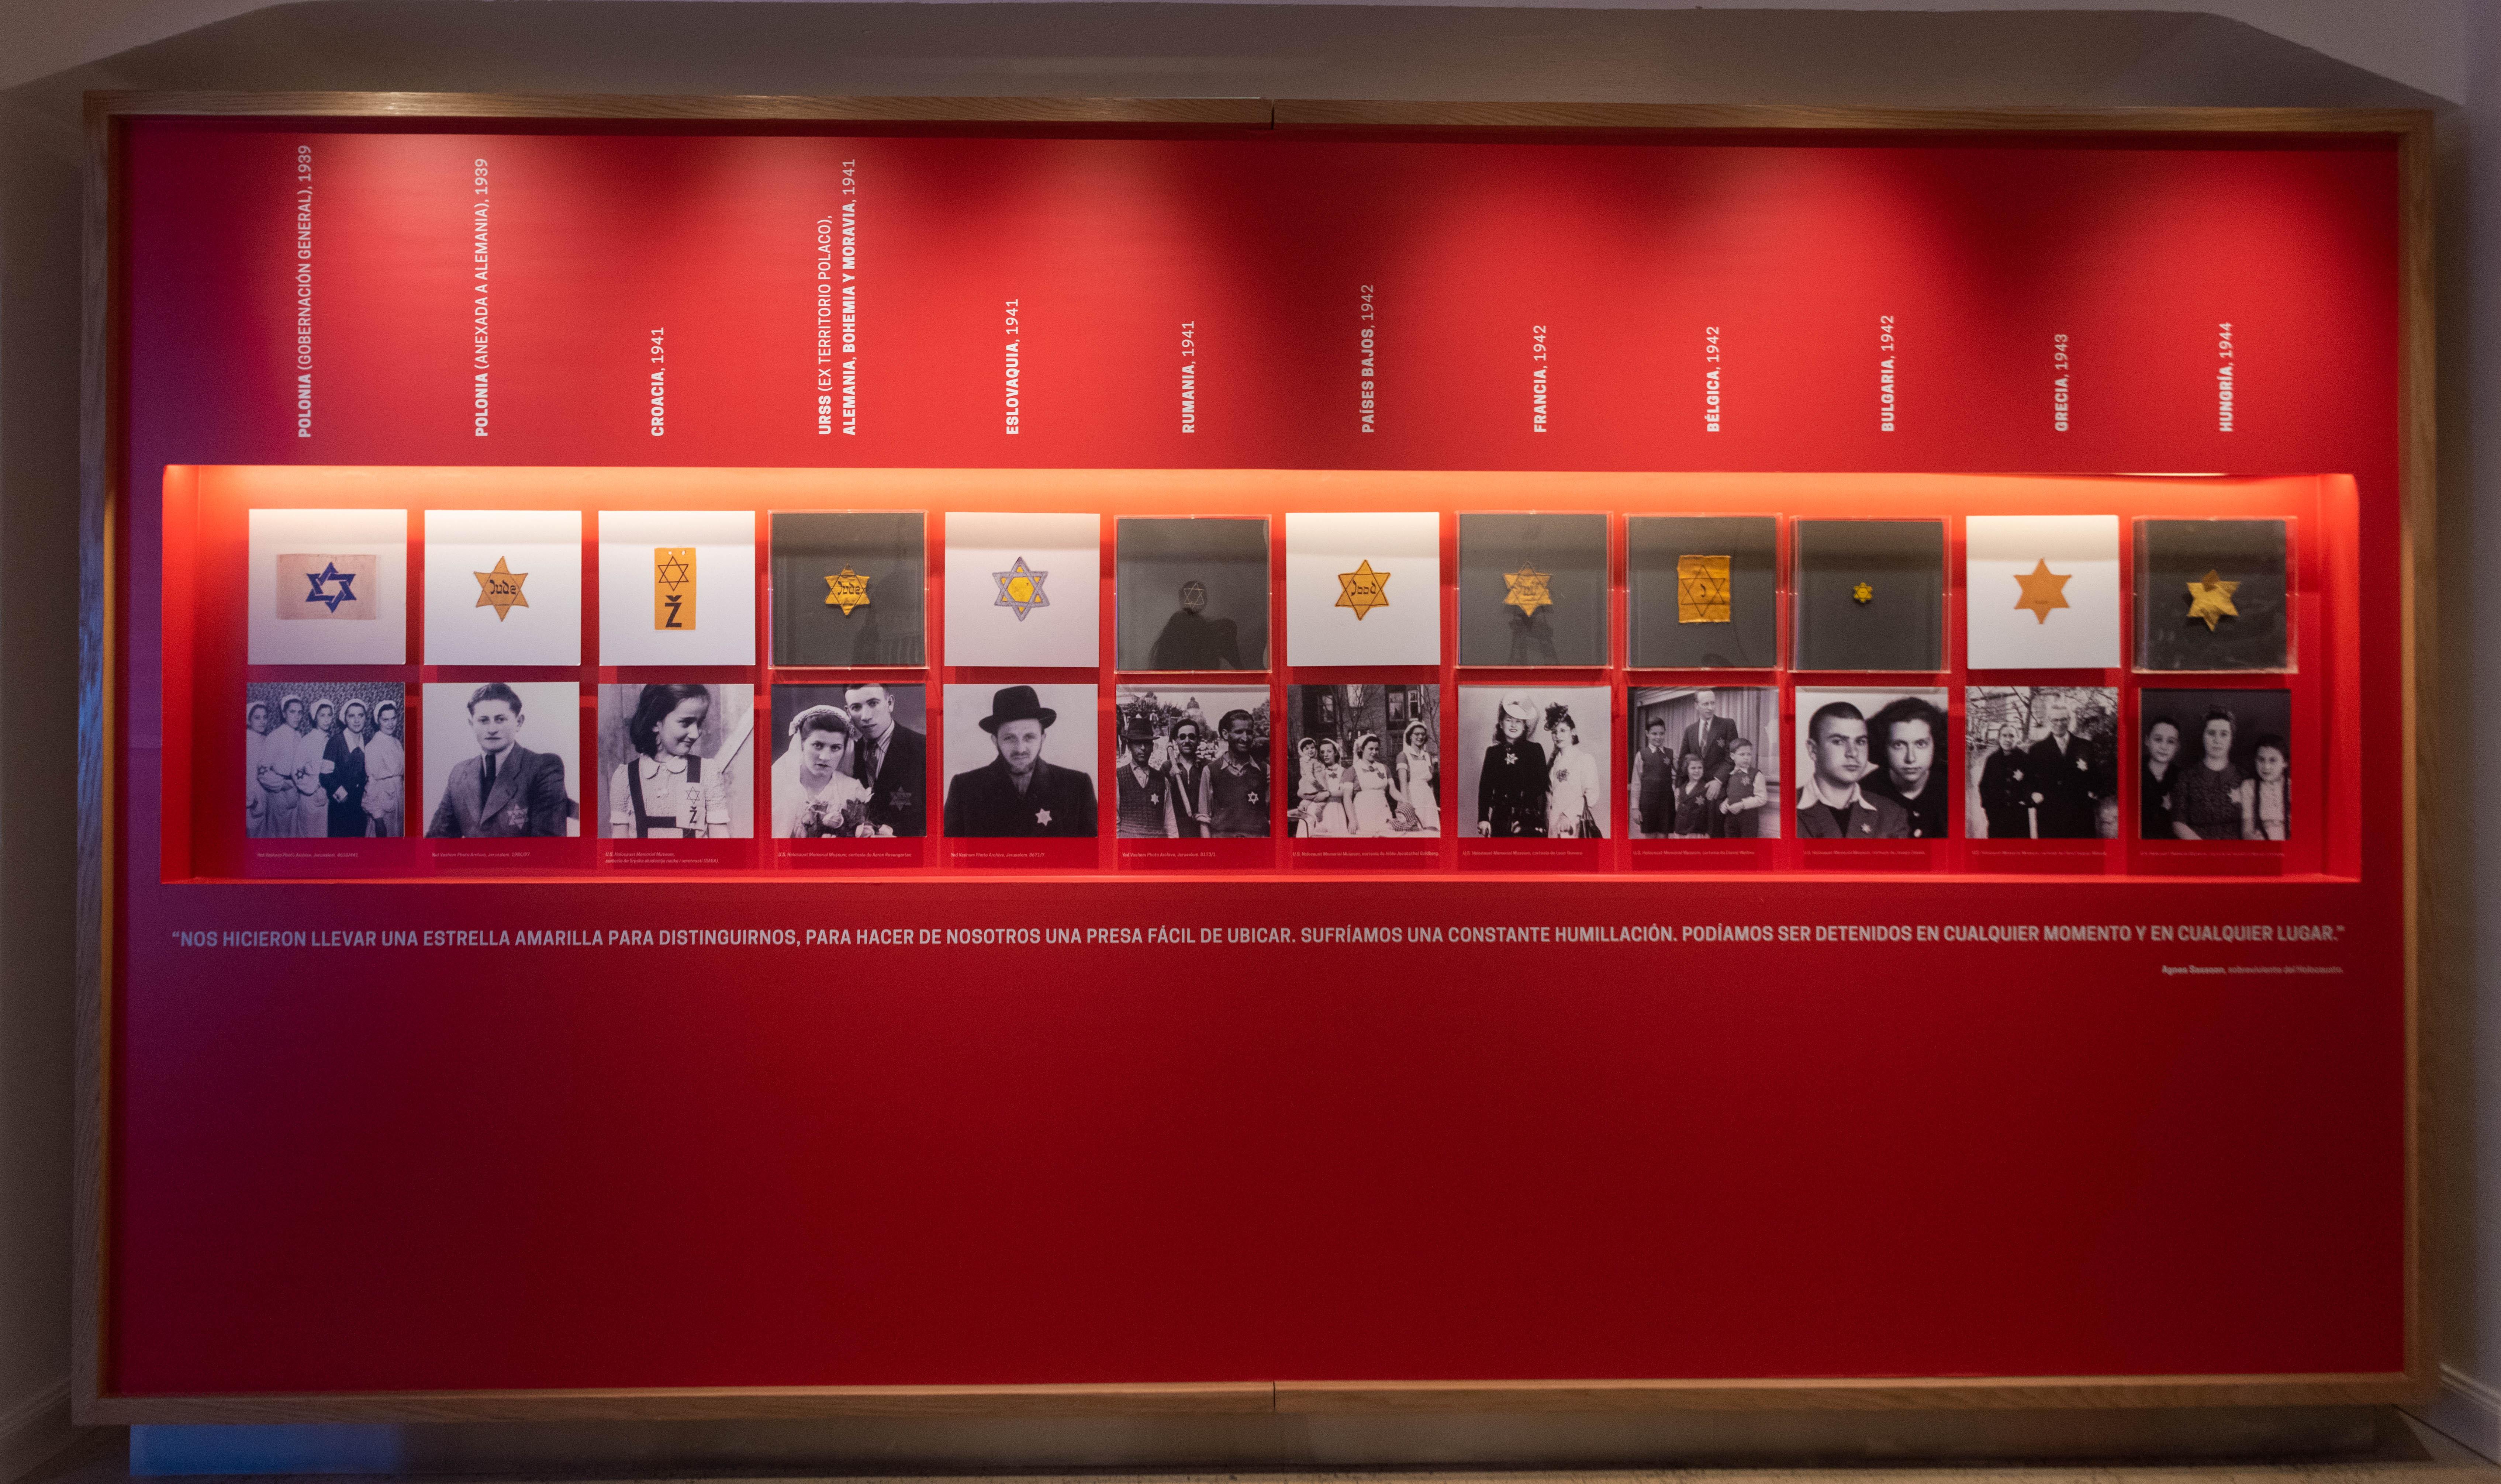 En su primera etapa, la exposición relata el modo en que los judíos de Alemania fueron forzados a emigrar. Los judíos polacos, en cambio, no tuvieron la suerte de advertir las ideas del régimen totalitario que el 1° de septiembre de 1939 los invadió. La historia retuvo ese día como el del comienzo de la Segunda Guerra Mundial. La primera fase del exterminio consistió en la concentración de judíos como una medida temporaria para la búsqueda de soluciones territoriales